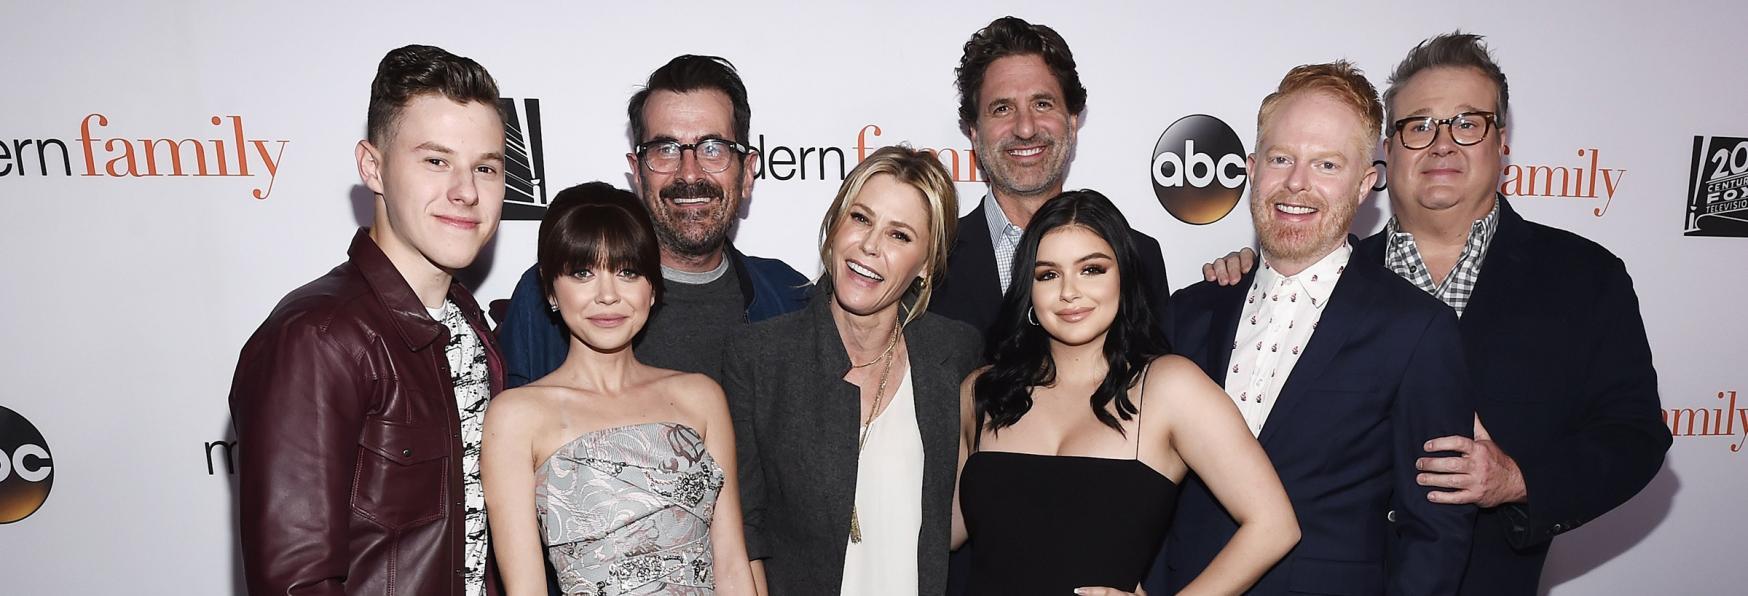 Modern Family 11: in Onda un Documentario prima del Finale della Serie TV